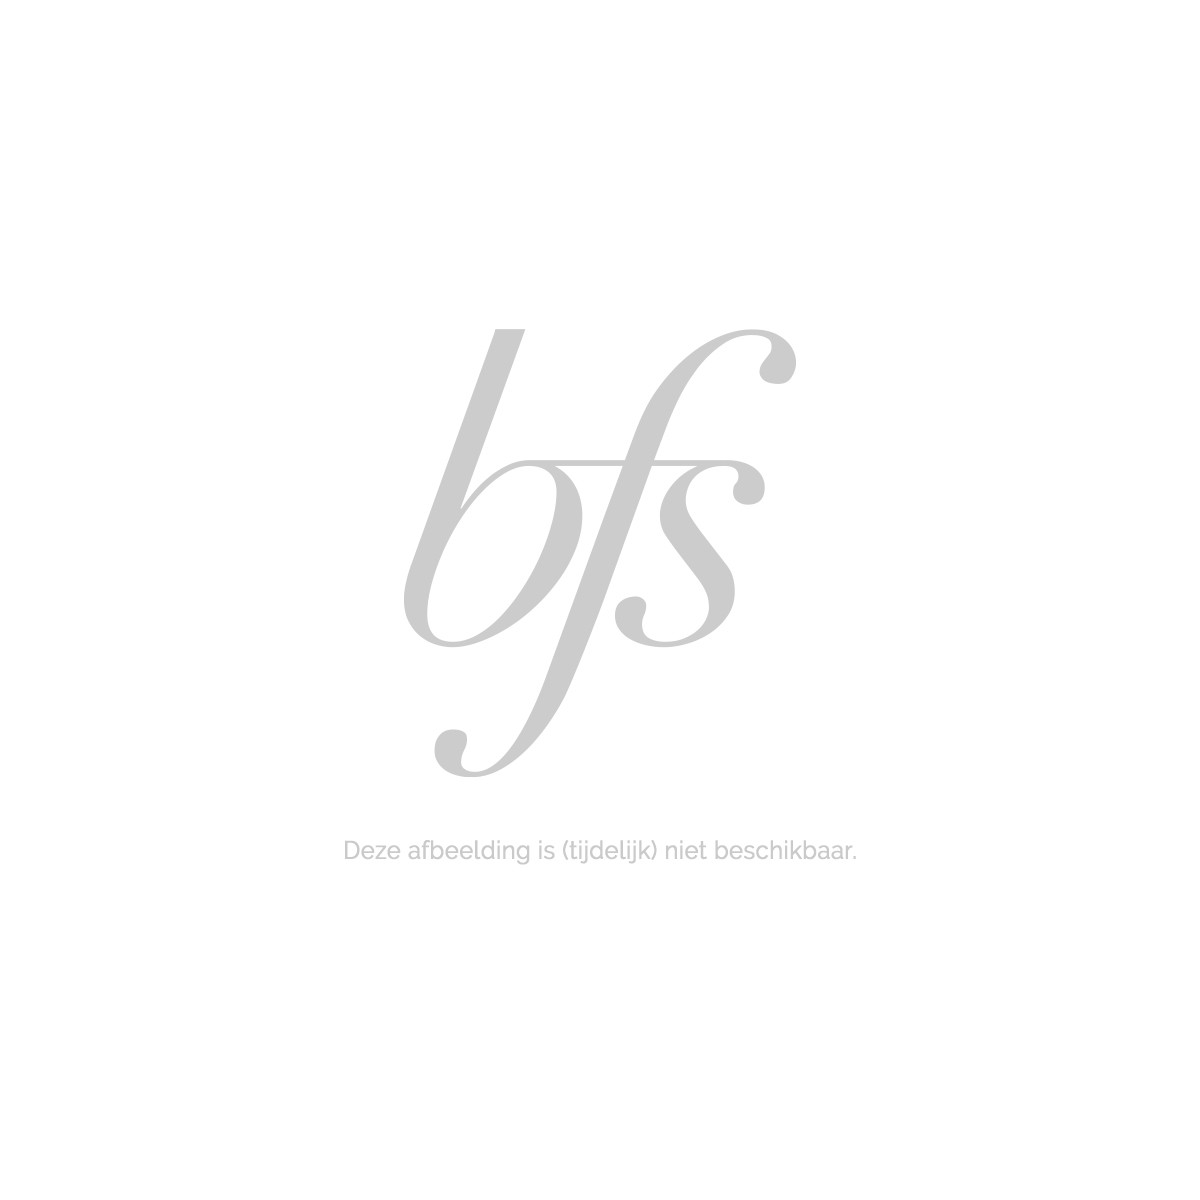 Afbeelding van Darphin Ideal Resource Fluid Serums & Kuren Beauty